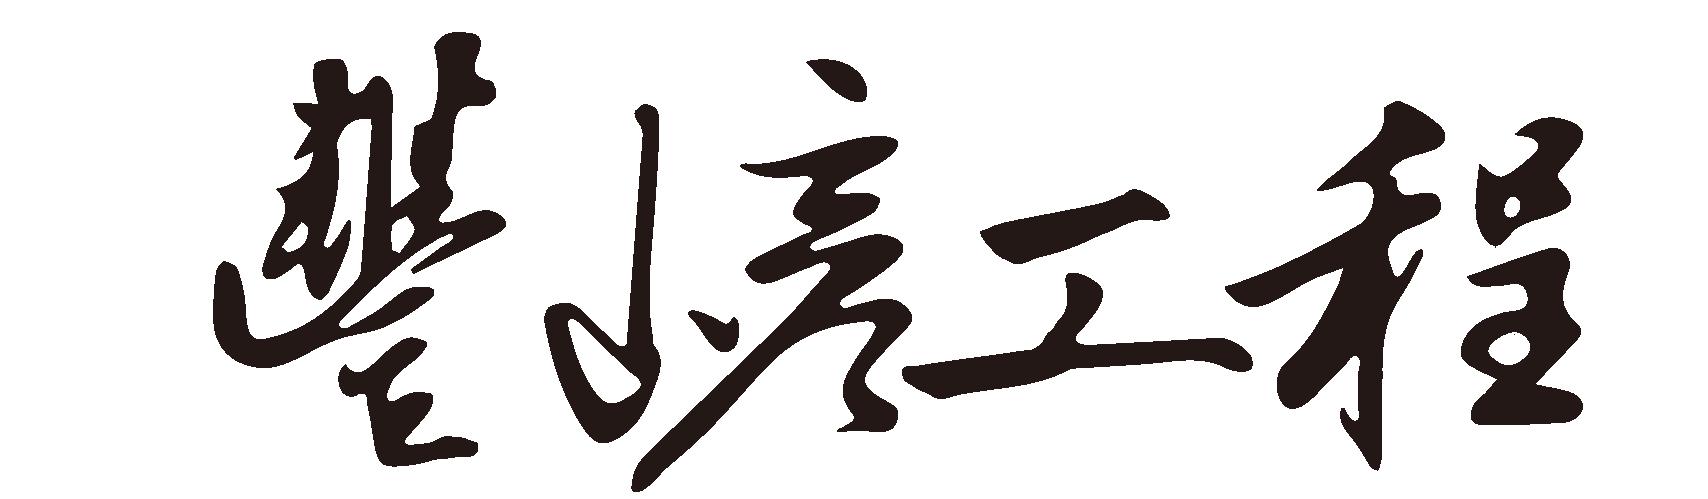 豐嵃工程企業有限公司 綠建築 日式建築